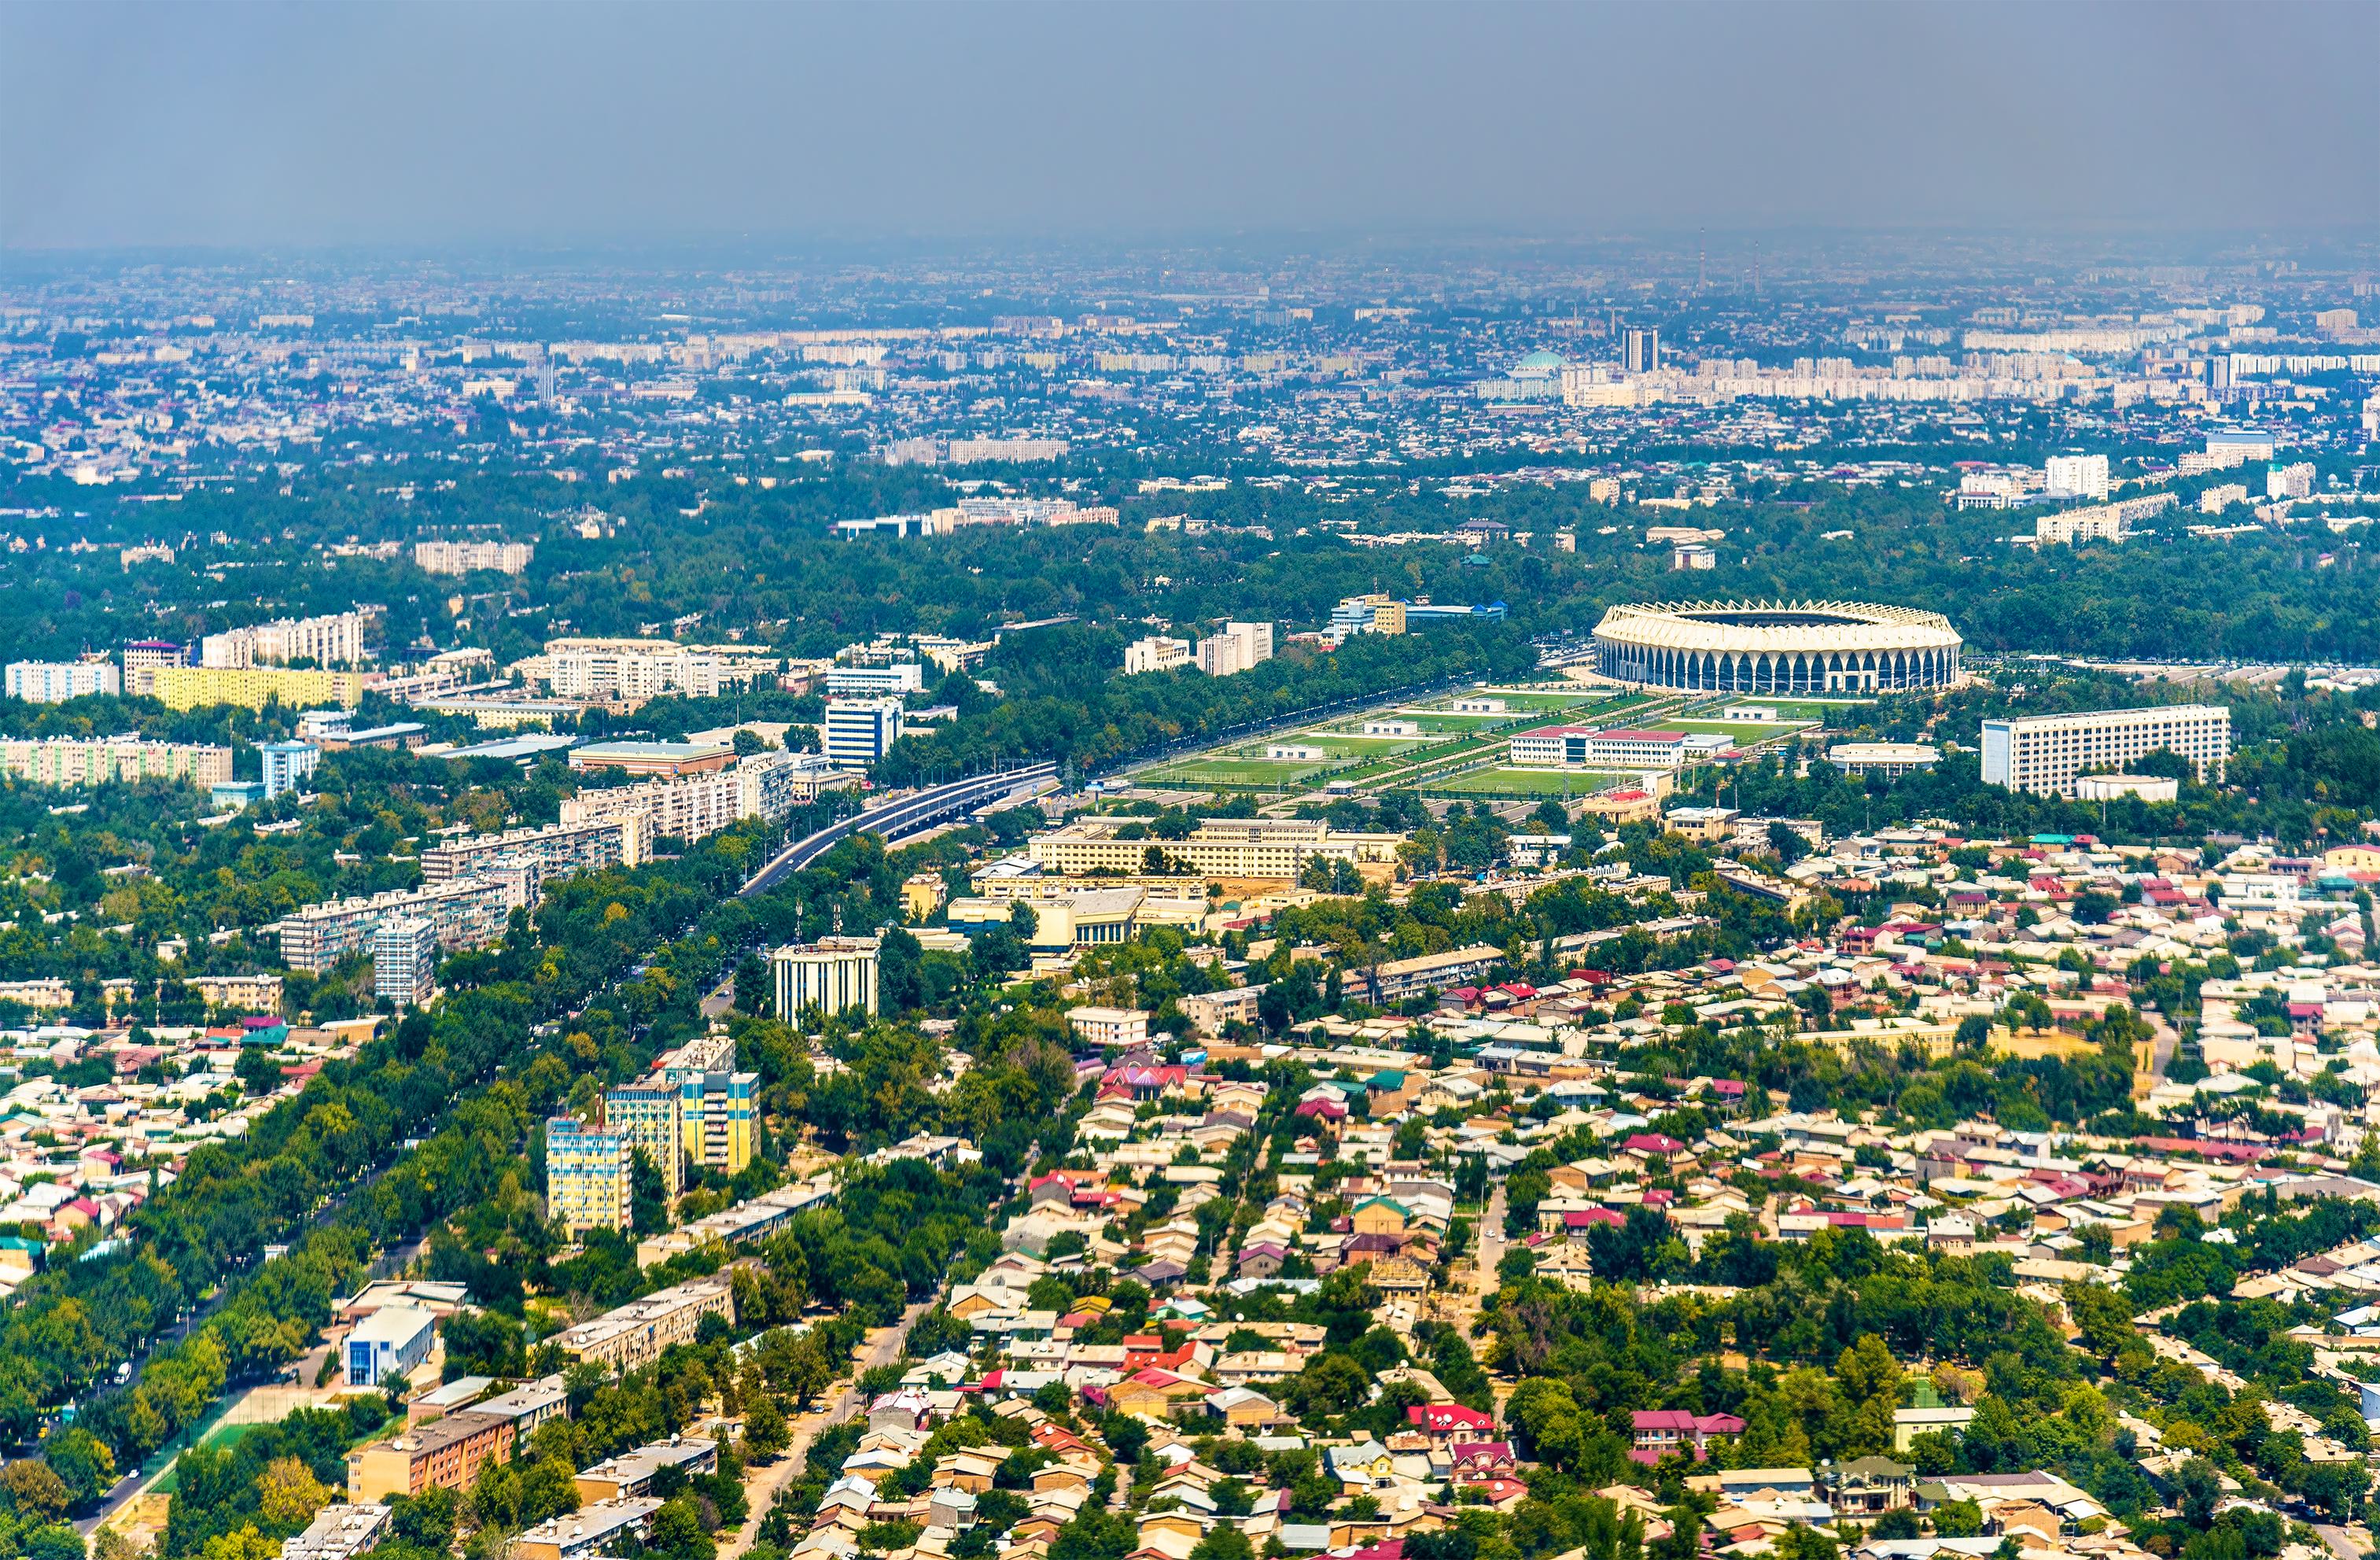 Disfruta de los encantos de la Tashkent moderna - Uzbekistán Gran Viaje Uzbekistán Imprescindible